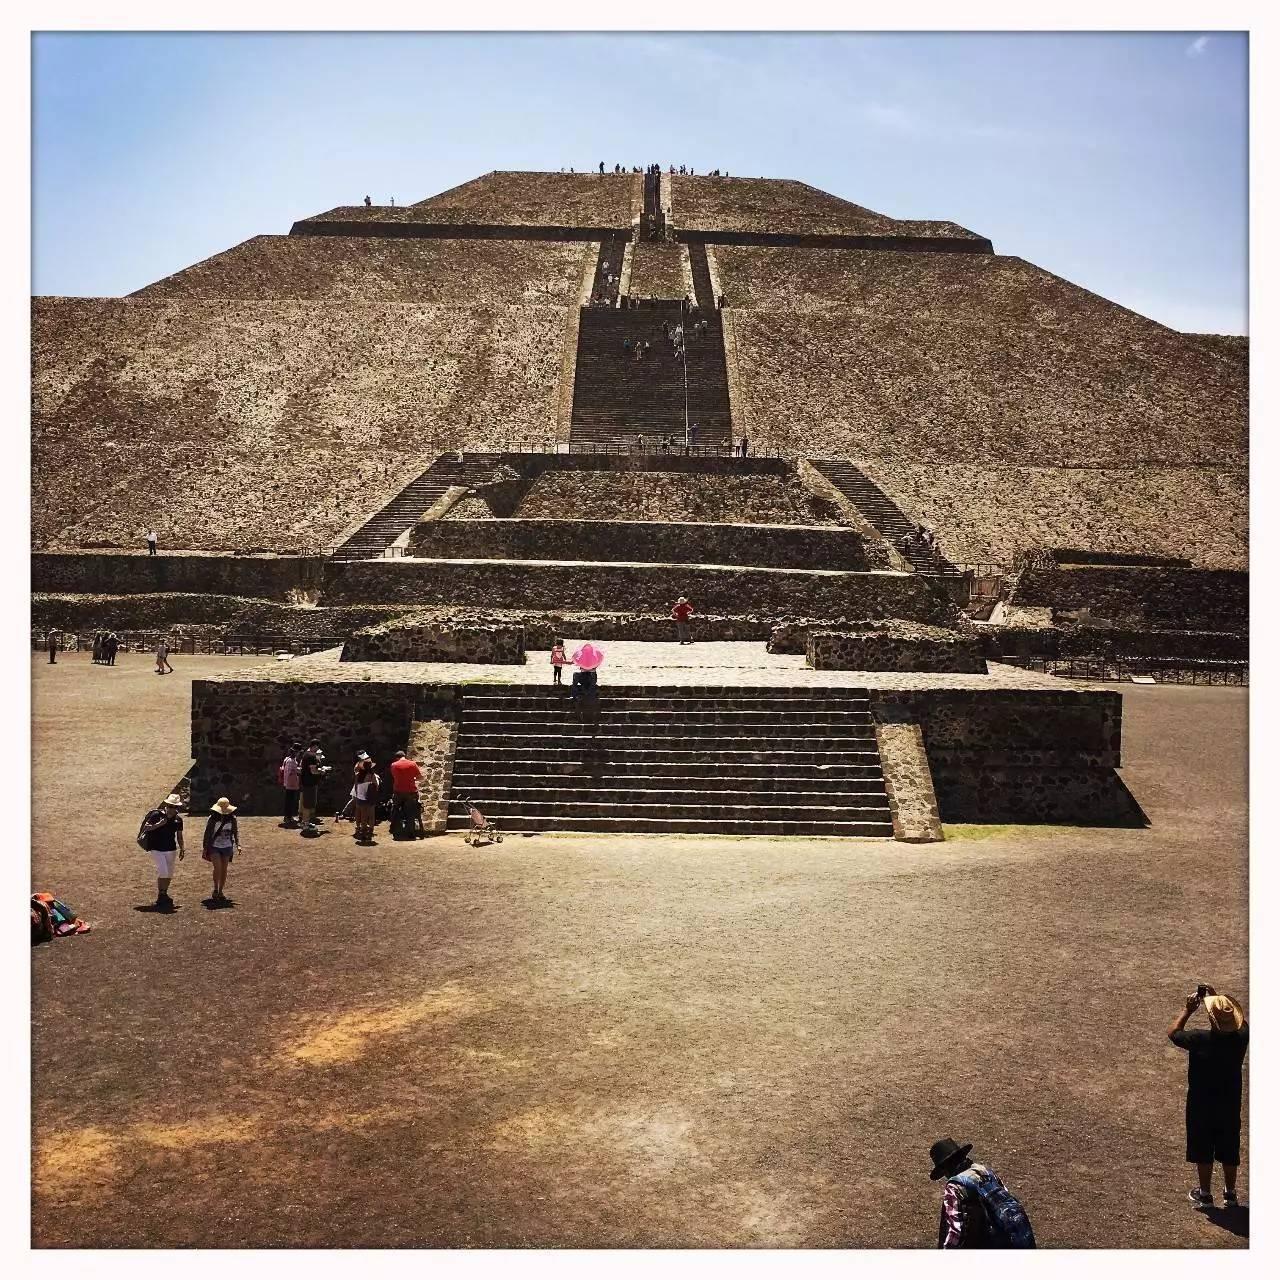 世界上唯一可以爬的金字塔